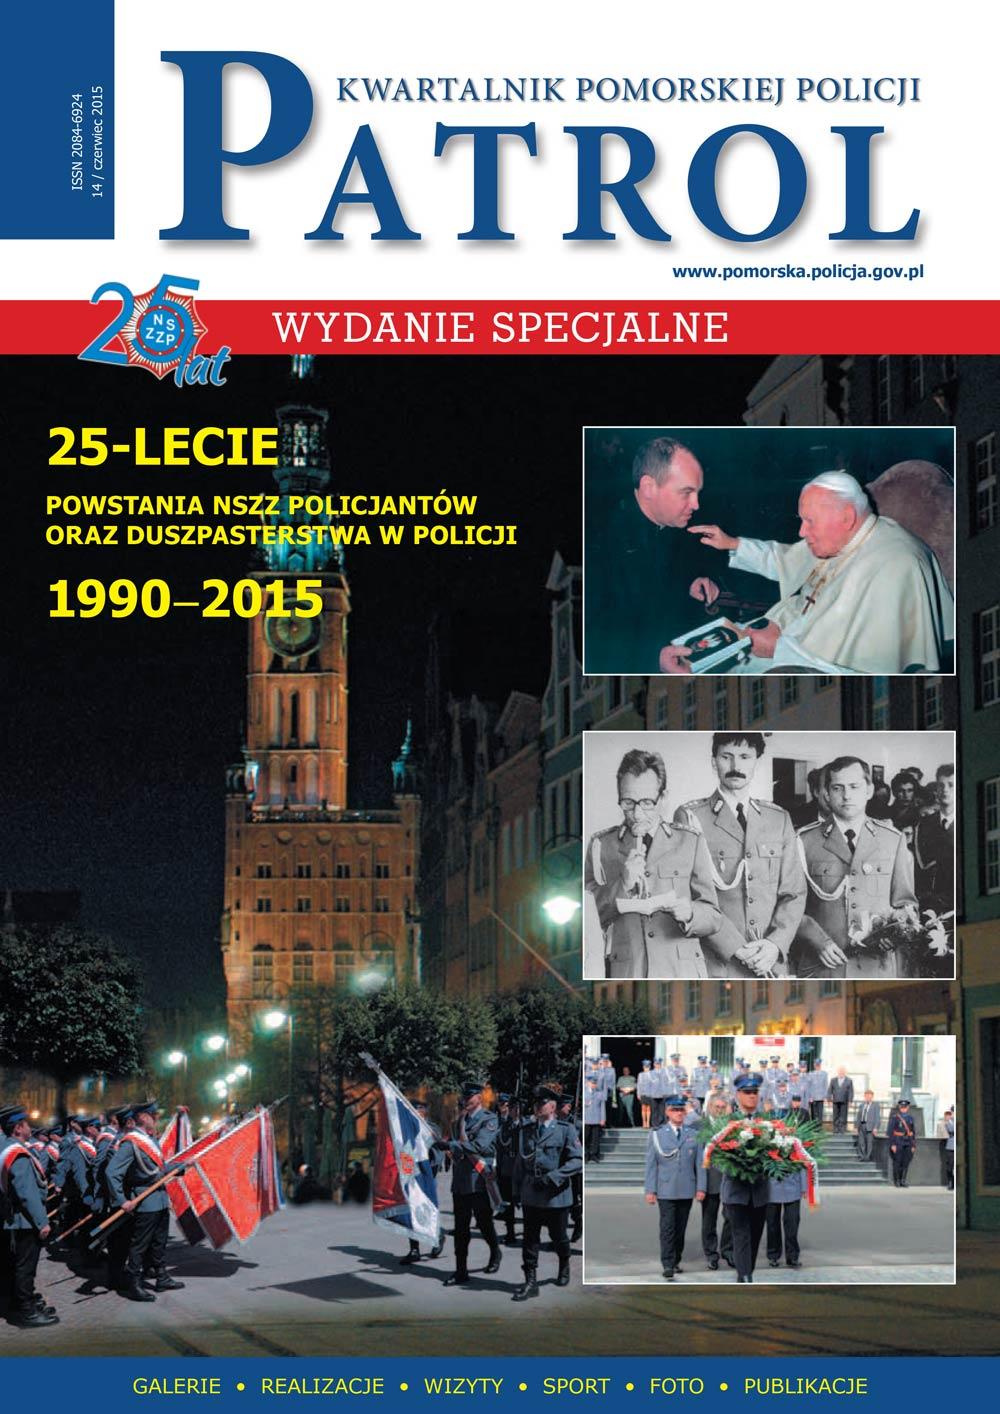 [2015, 02] PATROL. KWARTALNIK POMORSKIEJ POLICJI. - 2014, [nr] 14 / czerwiec, www.pomorska.policja.gov.pl